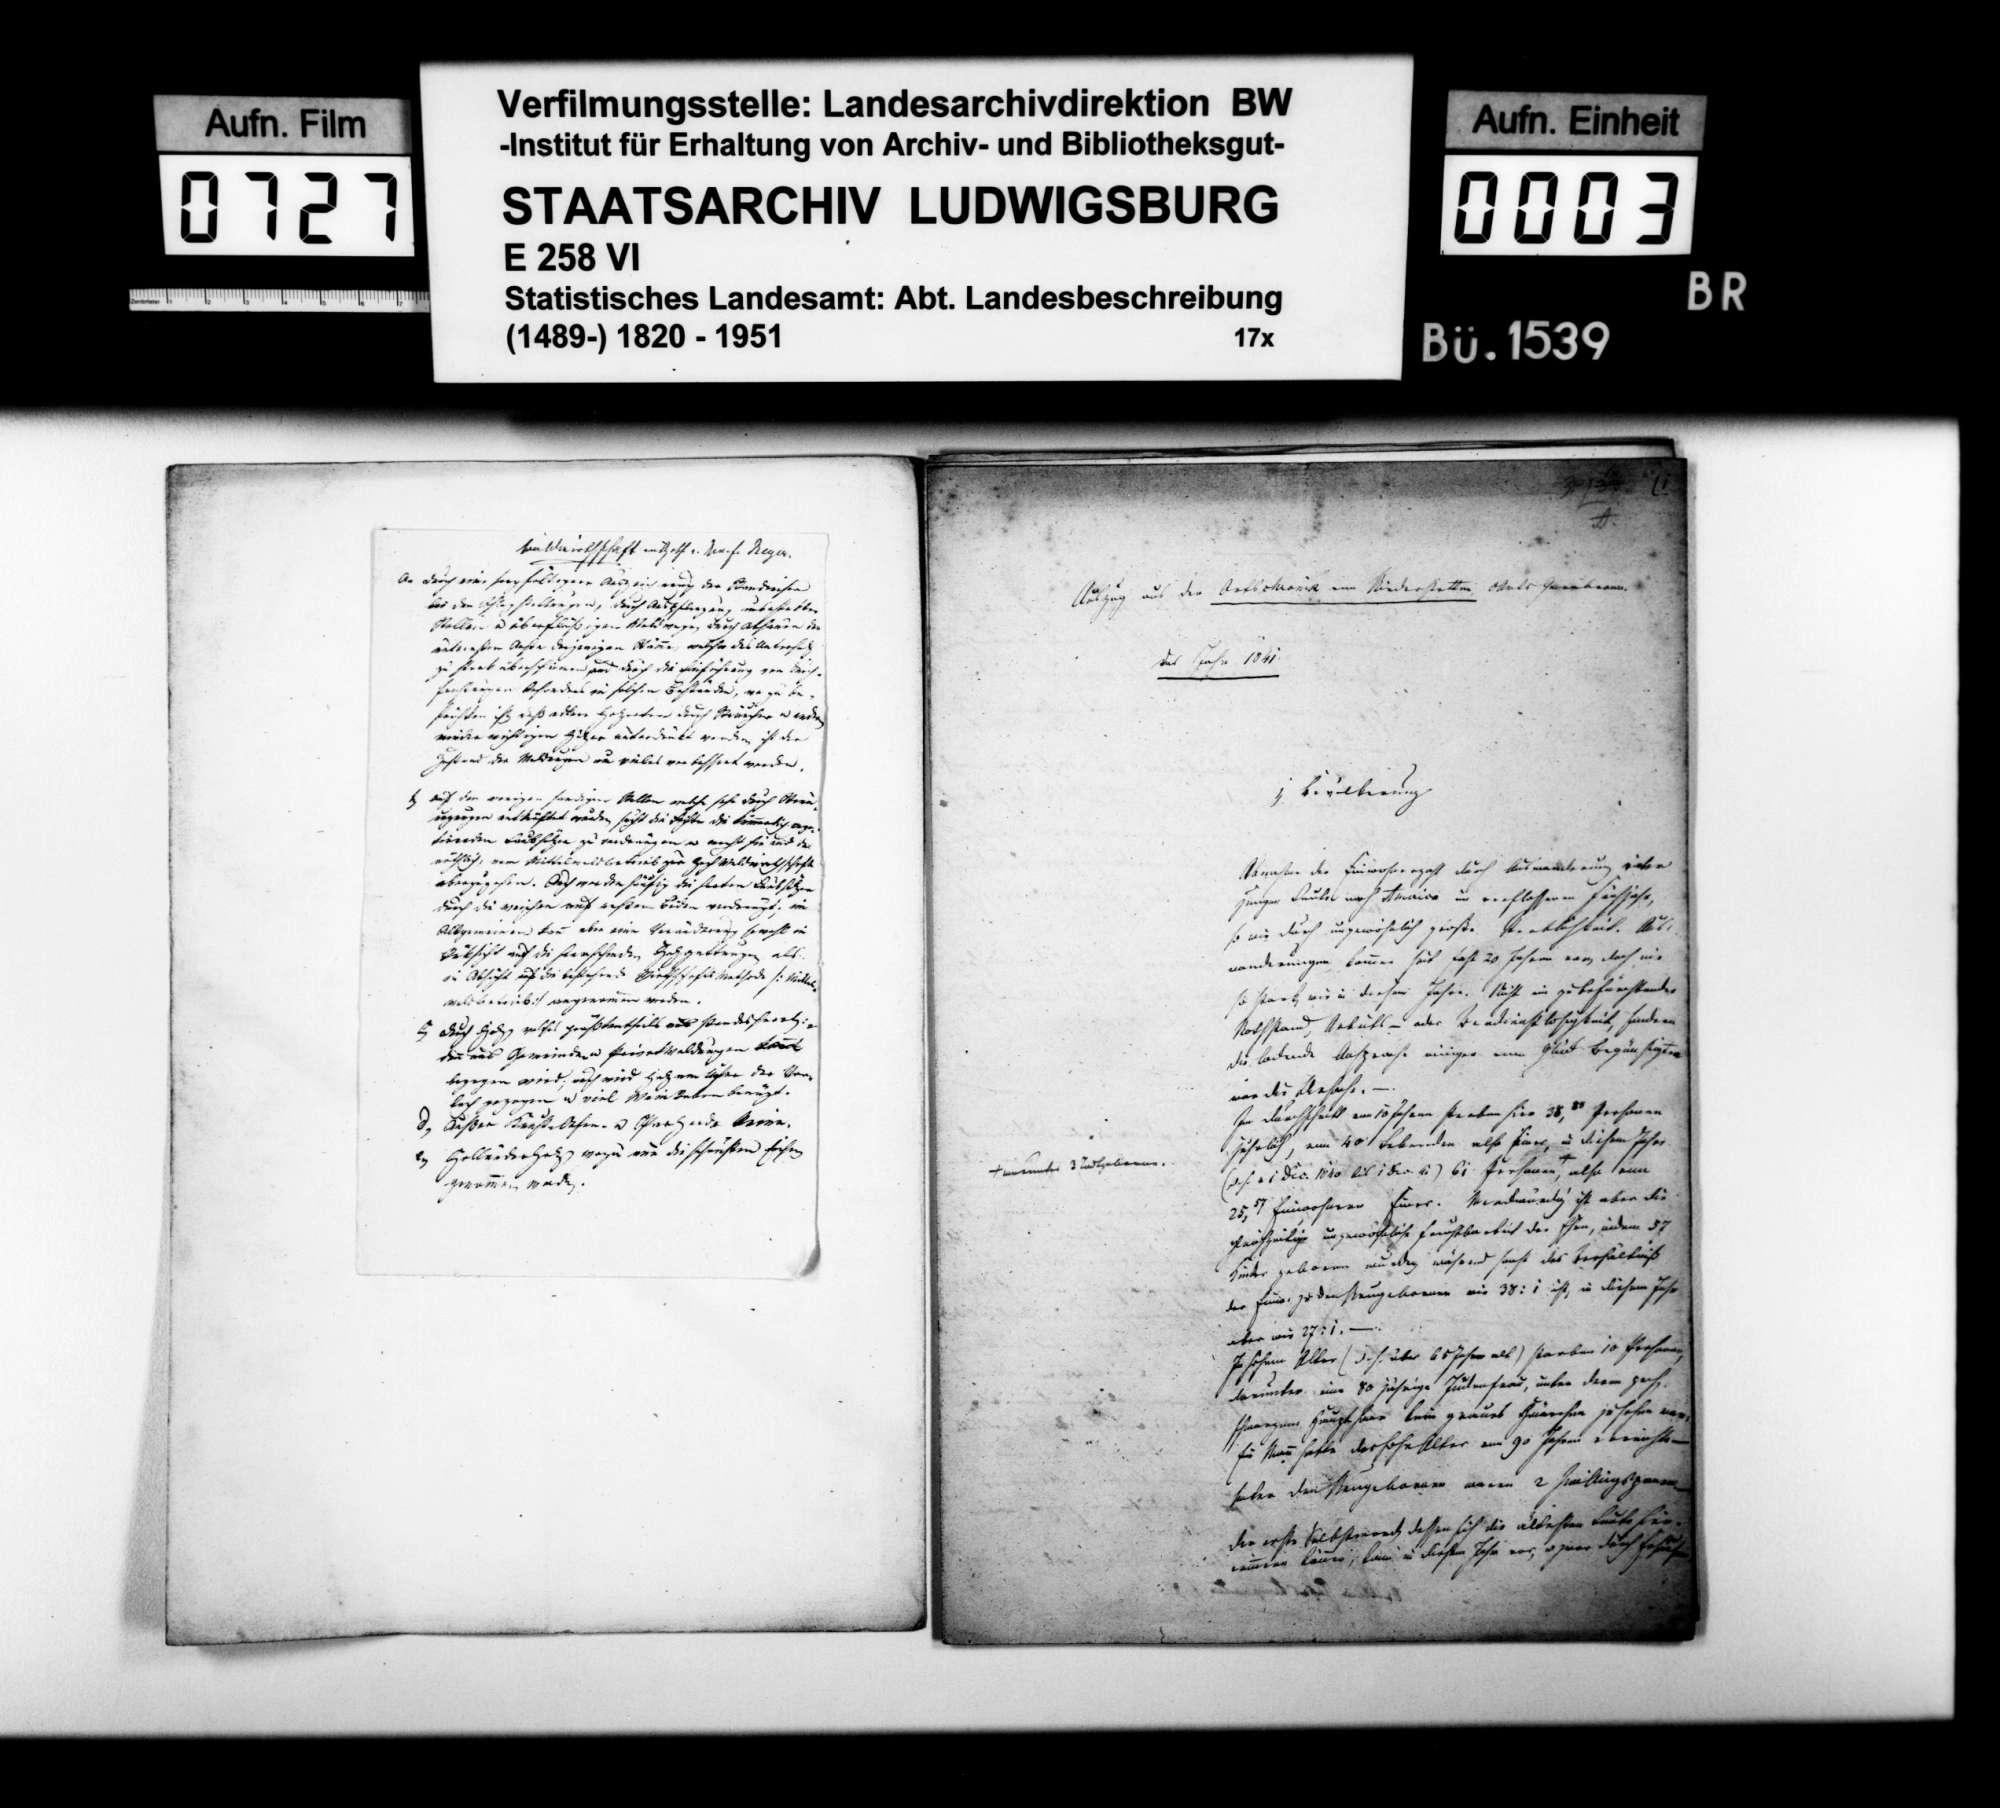 Auszüge aus der Ortschronik von Niederstetten für die Jahre 1841/42/43, von Pfarrer Bürger aus Oberstetten, Bild 2